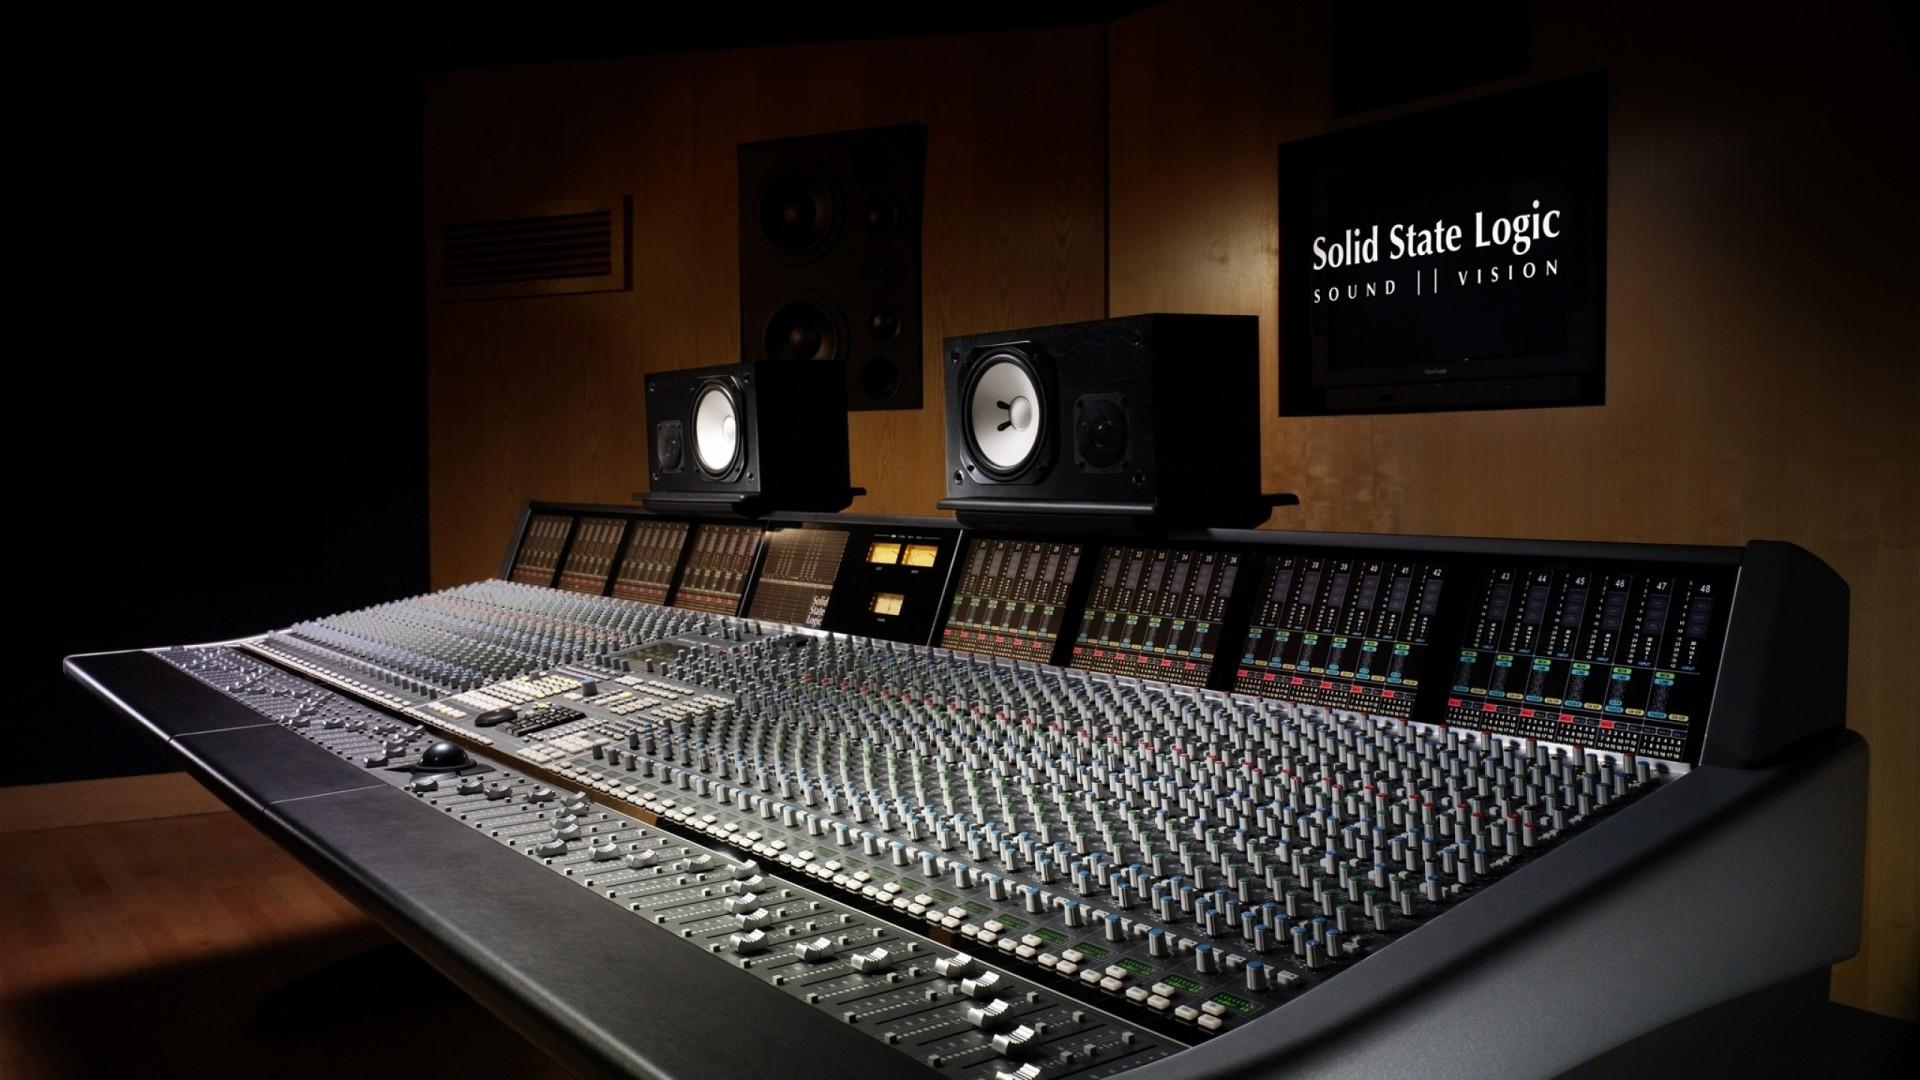 Sound recording studio: